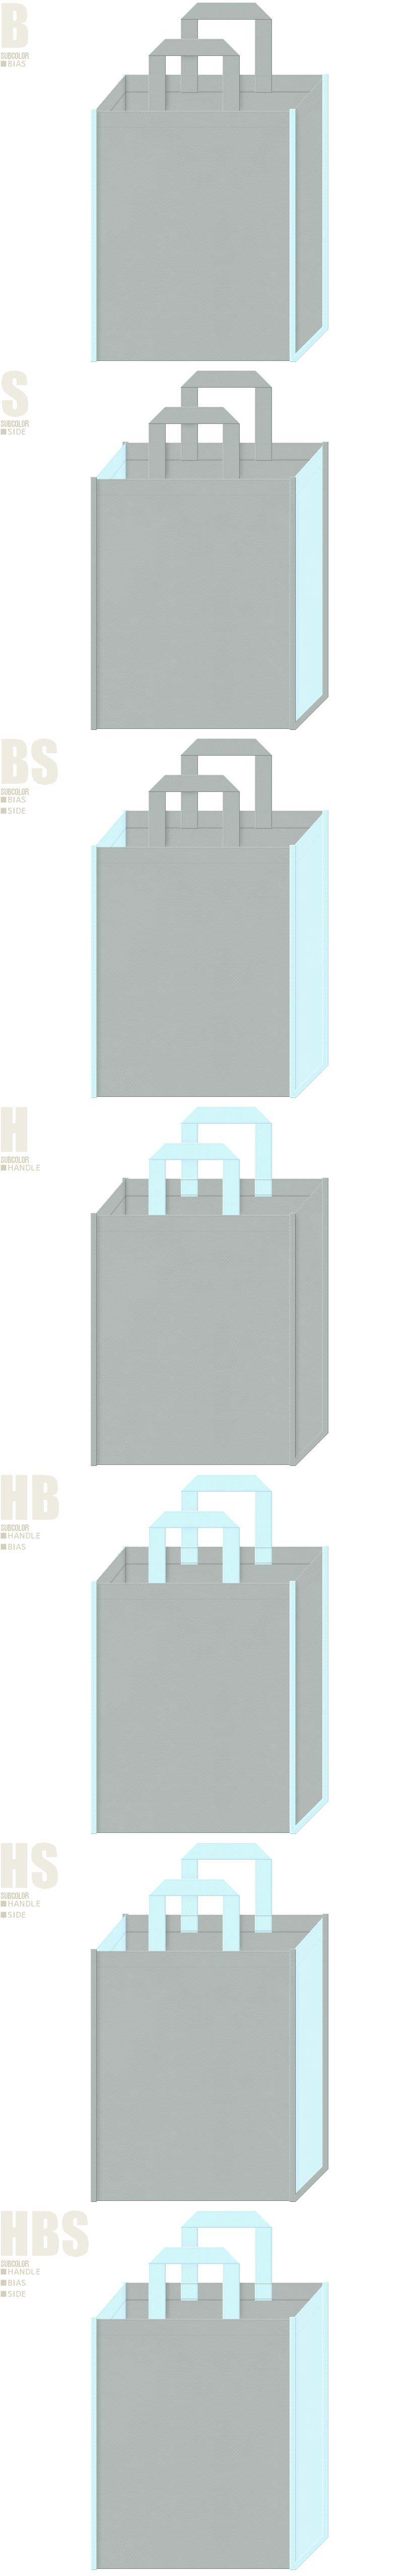 ガス・水道・給排水設備・アルミサッシ・エクステリアの展示会用バッグにお奨めの不織布バッグデザイン:グレー色と水色の配色7パターン